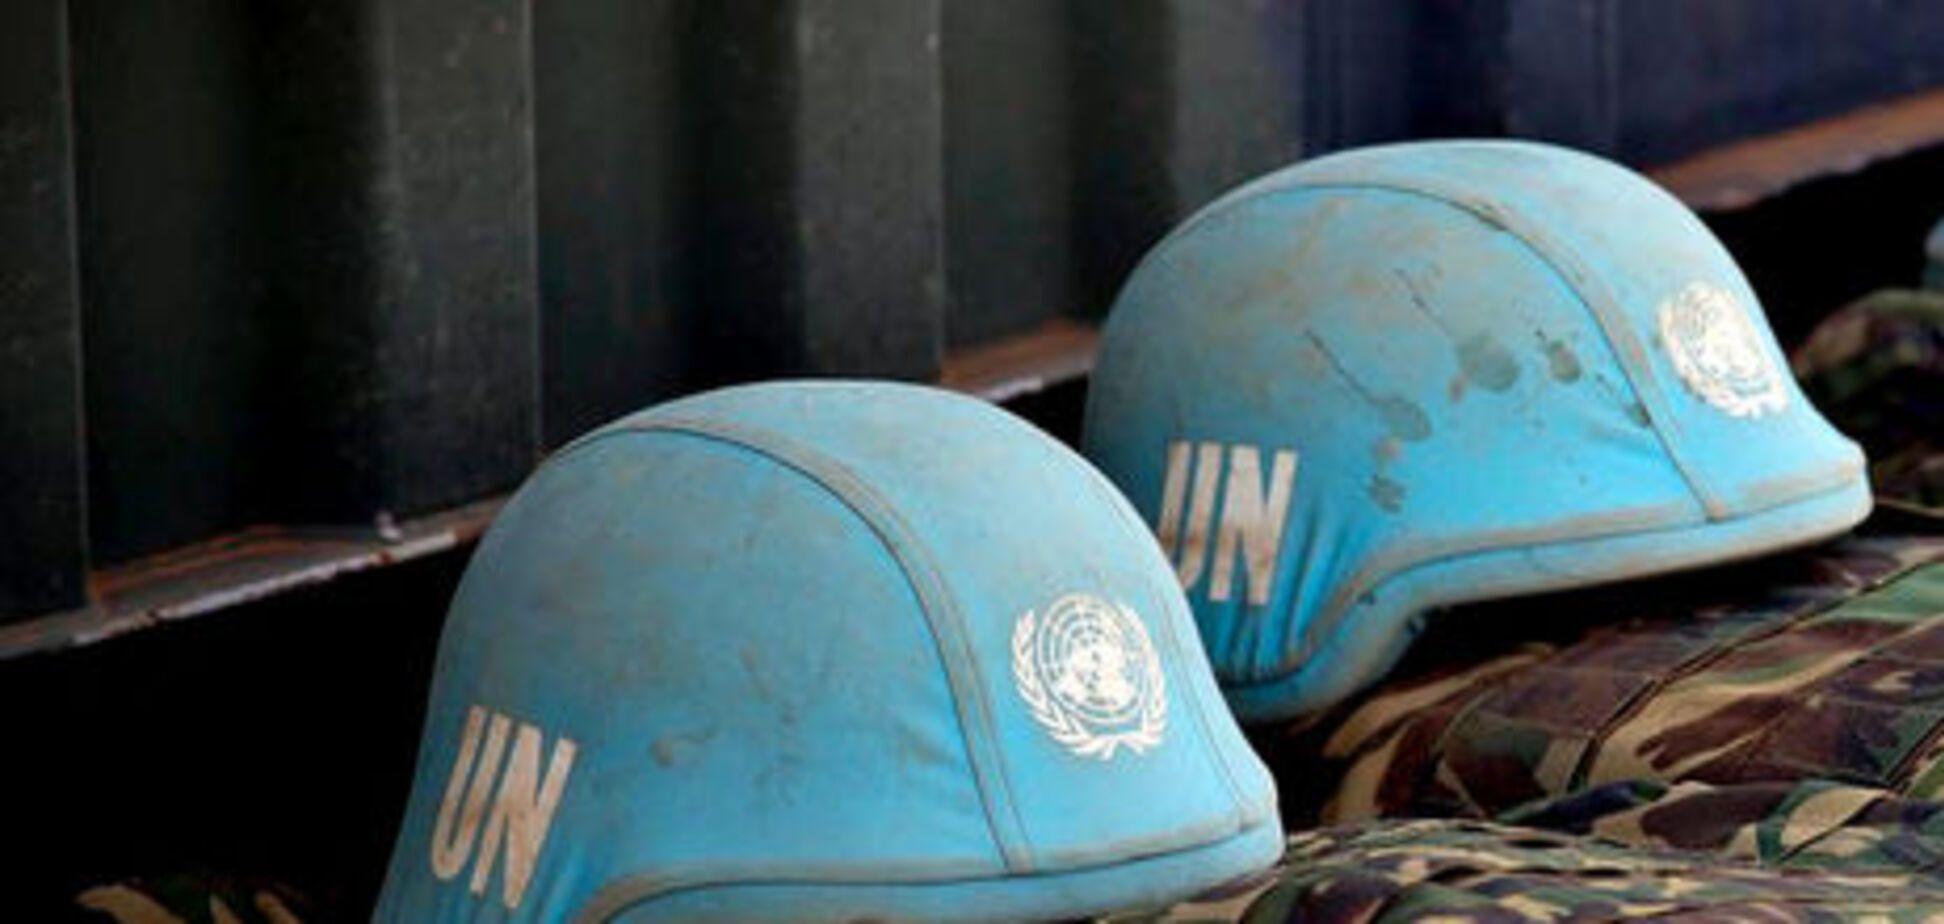 Миссия ООН на Донбассе: международник пояснил, почему Путин вцепился в идею миротворцев